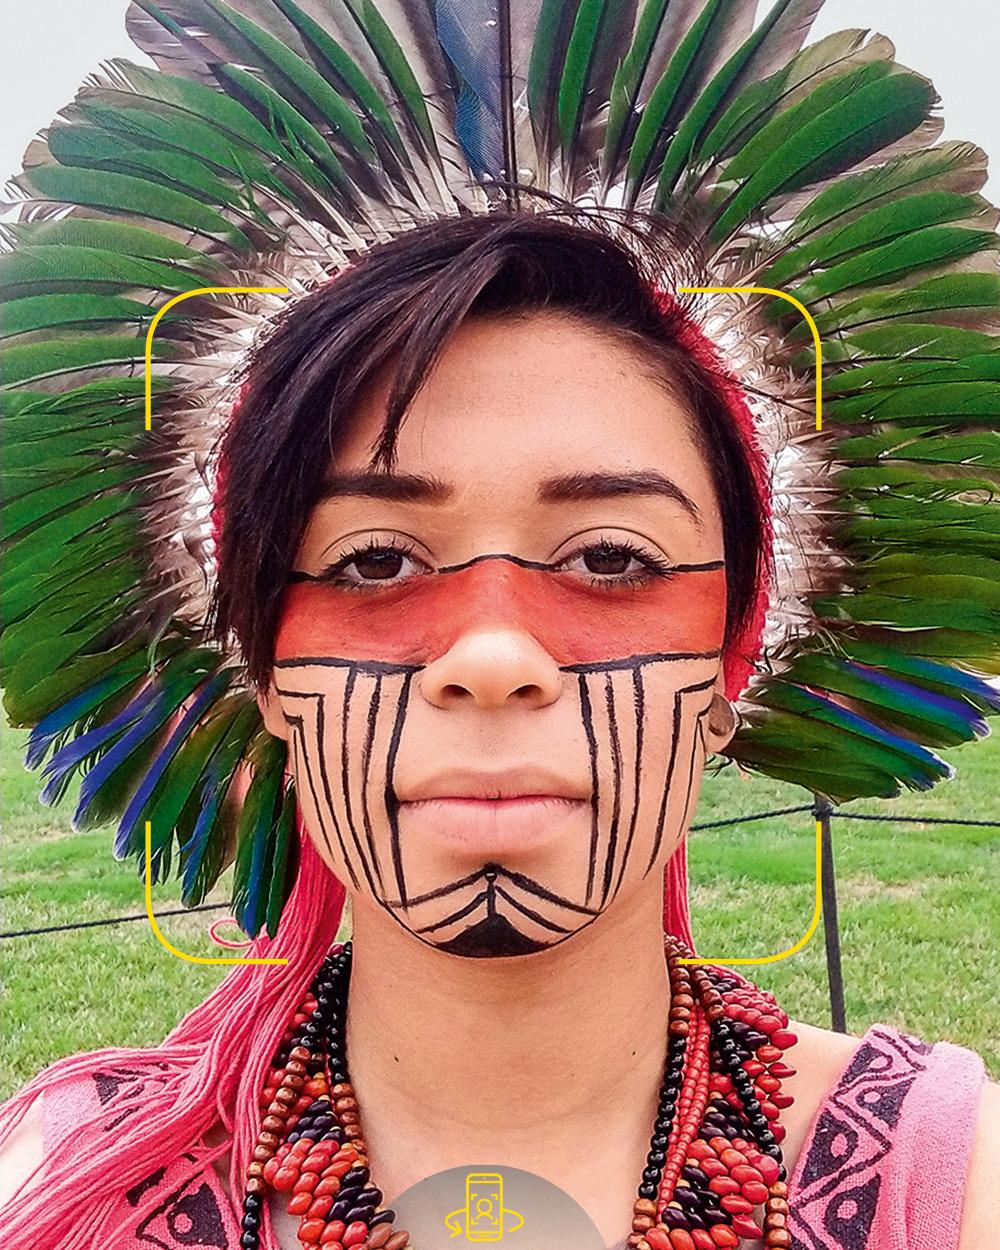 """BULlYING SELVAGEM- A ativista, que quer fazer psicologia: """"Quando estou pintada, as pessoas começam a rir de mim"""""""